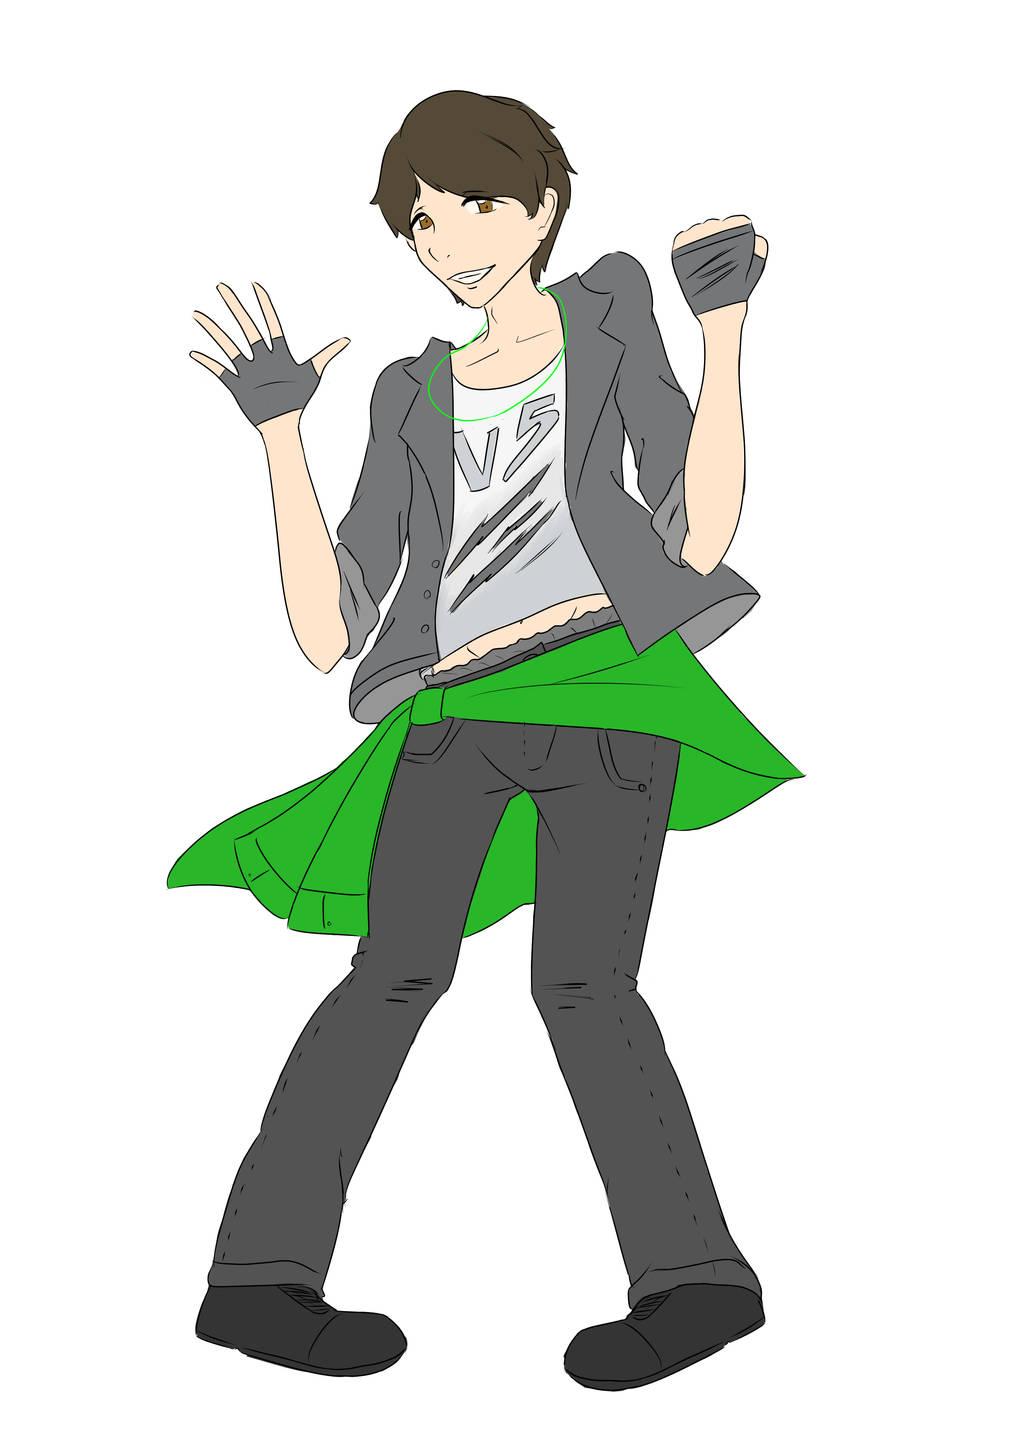 Redesign Vocaloid 5 Ken By Tdrawer3130 On Deviantart